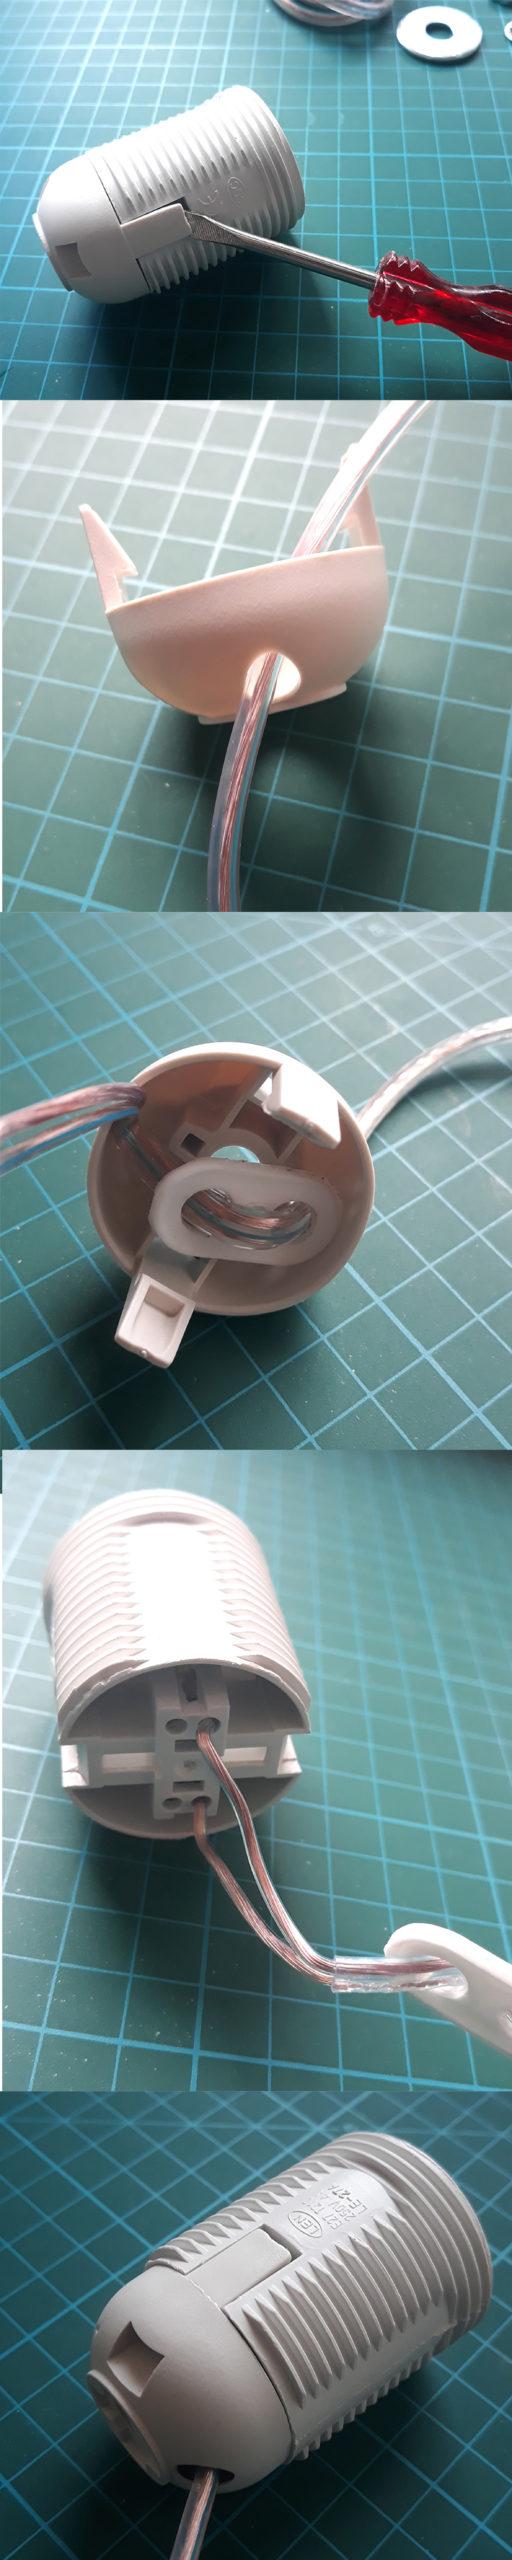 jak zrobić lampę z butelki bez wiercenia w szkle